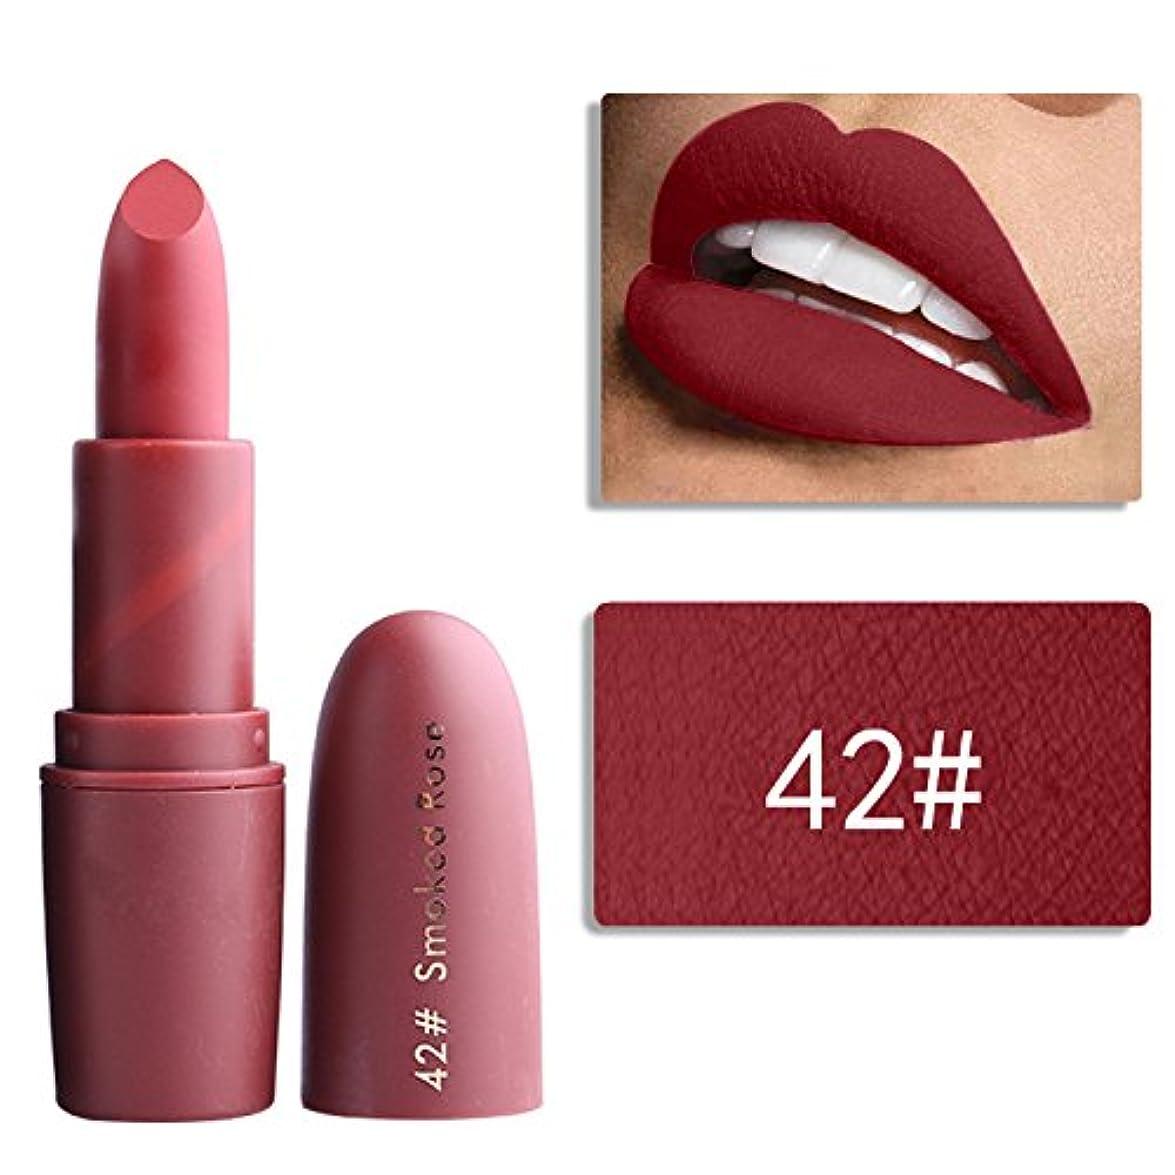 弱める幸運なことにイノセンスMiss Rose Nude Lipstick 22 colors Waterproof Vampire Brown Beauty Baby Lips Batom Matte lipstick Makeup Tats Eugenie Margherita